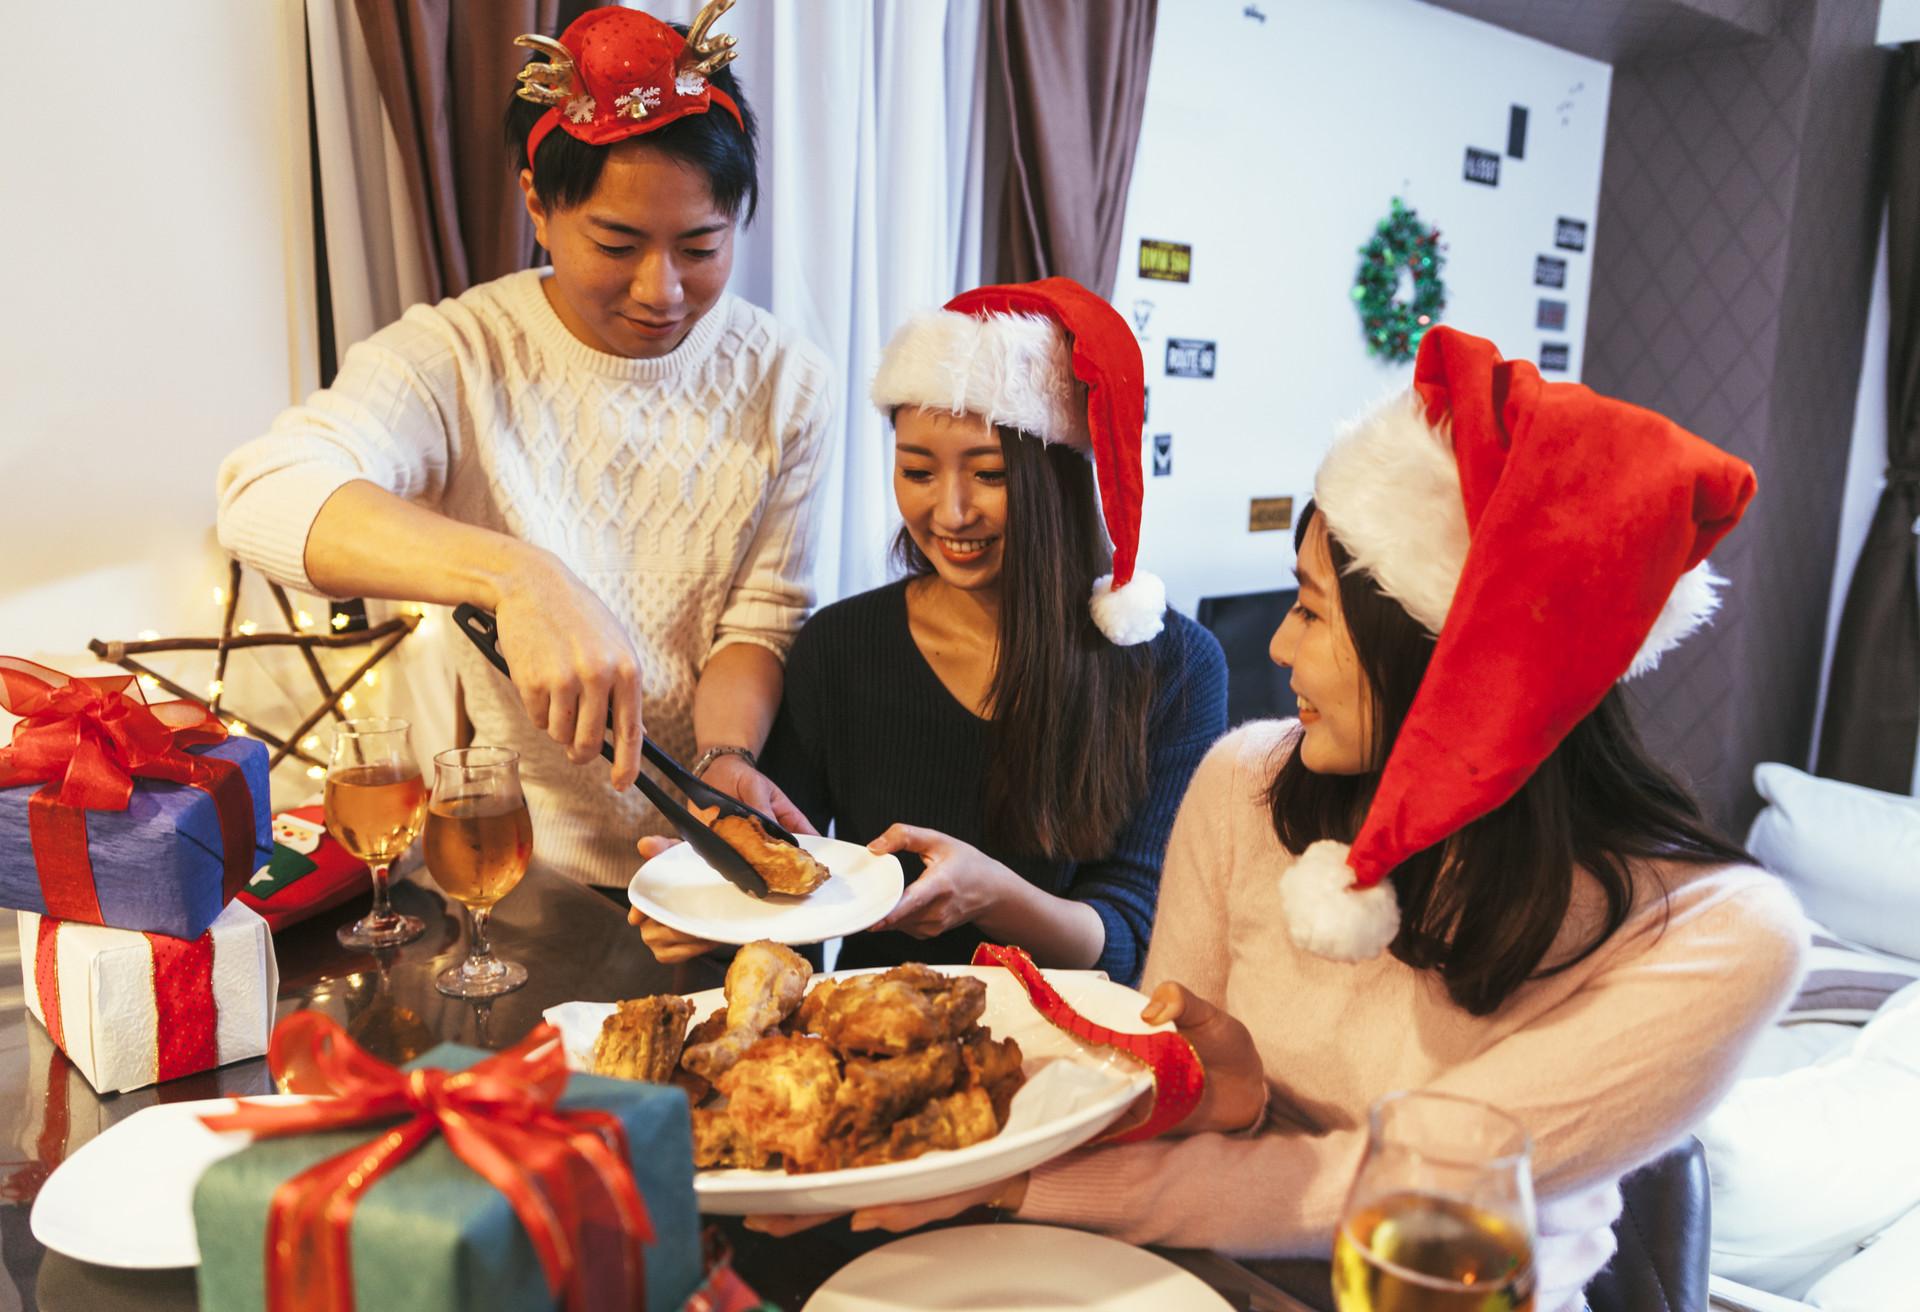 Una familia está preparada para meterle mano al cubo de pollo frito de KFC, una de las tradiciones navideñas japonesas más extrañas que te puedes encontrar.